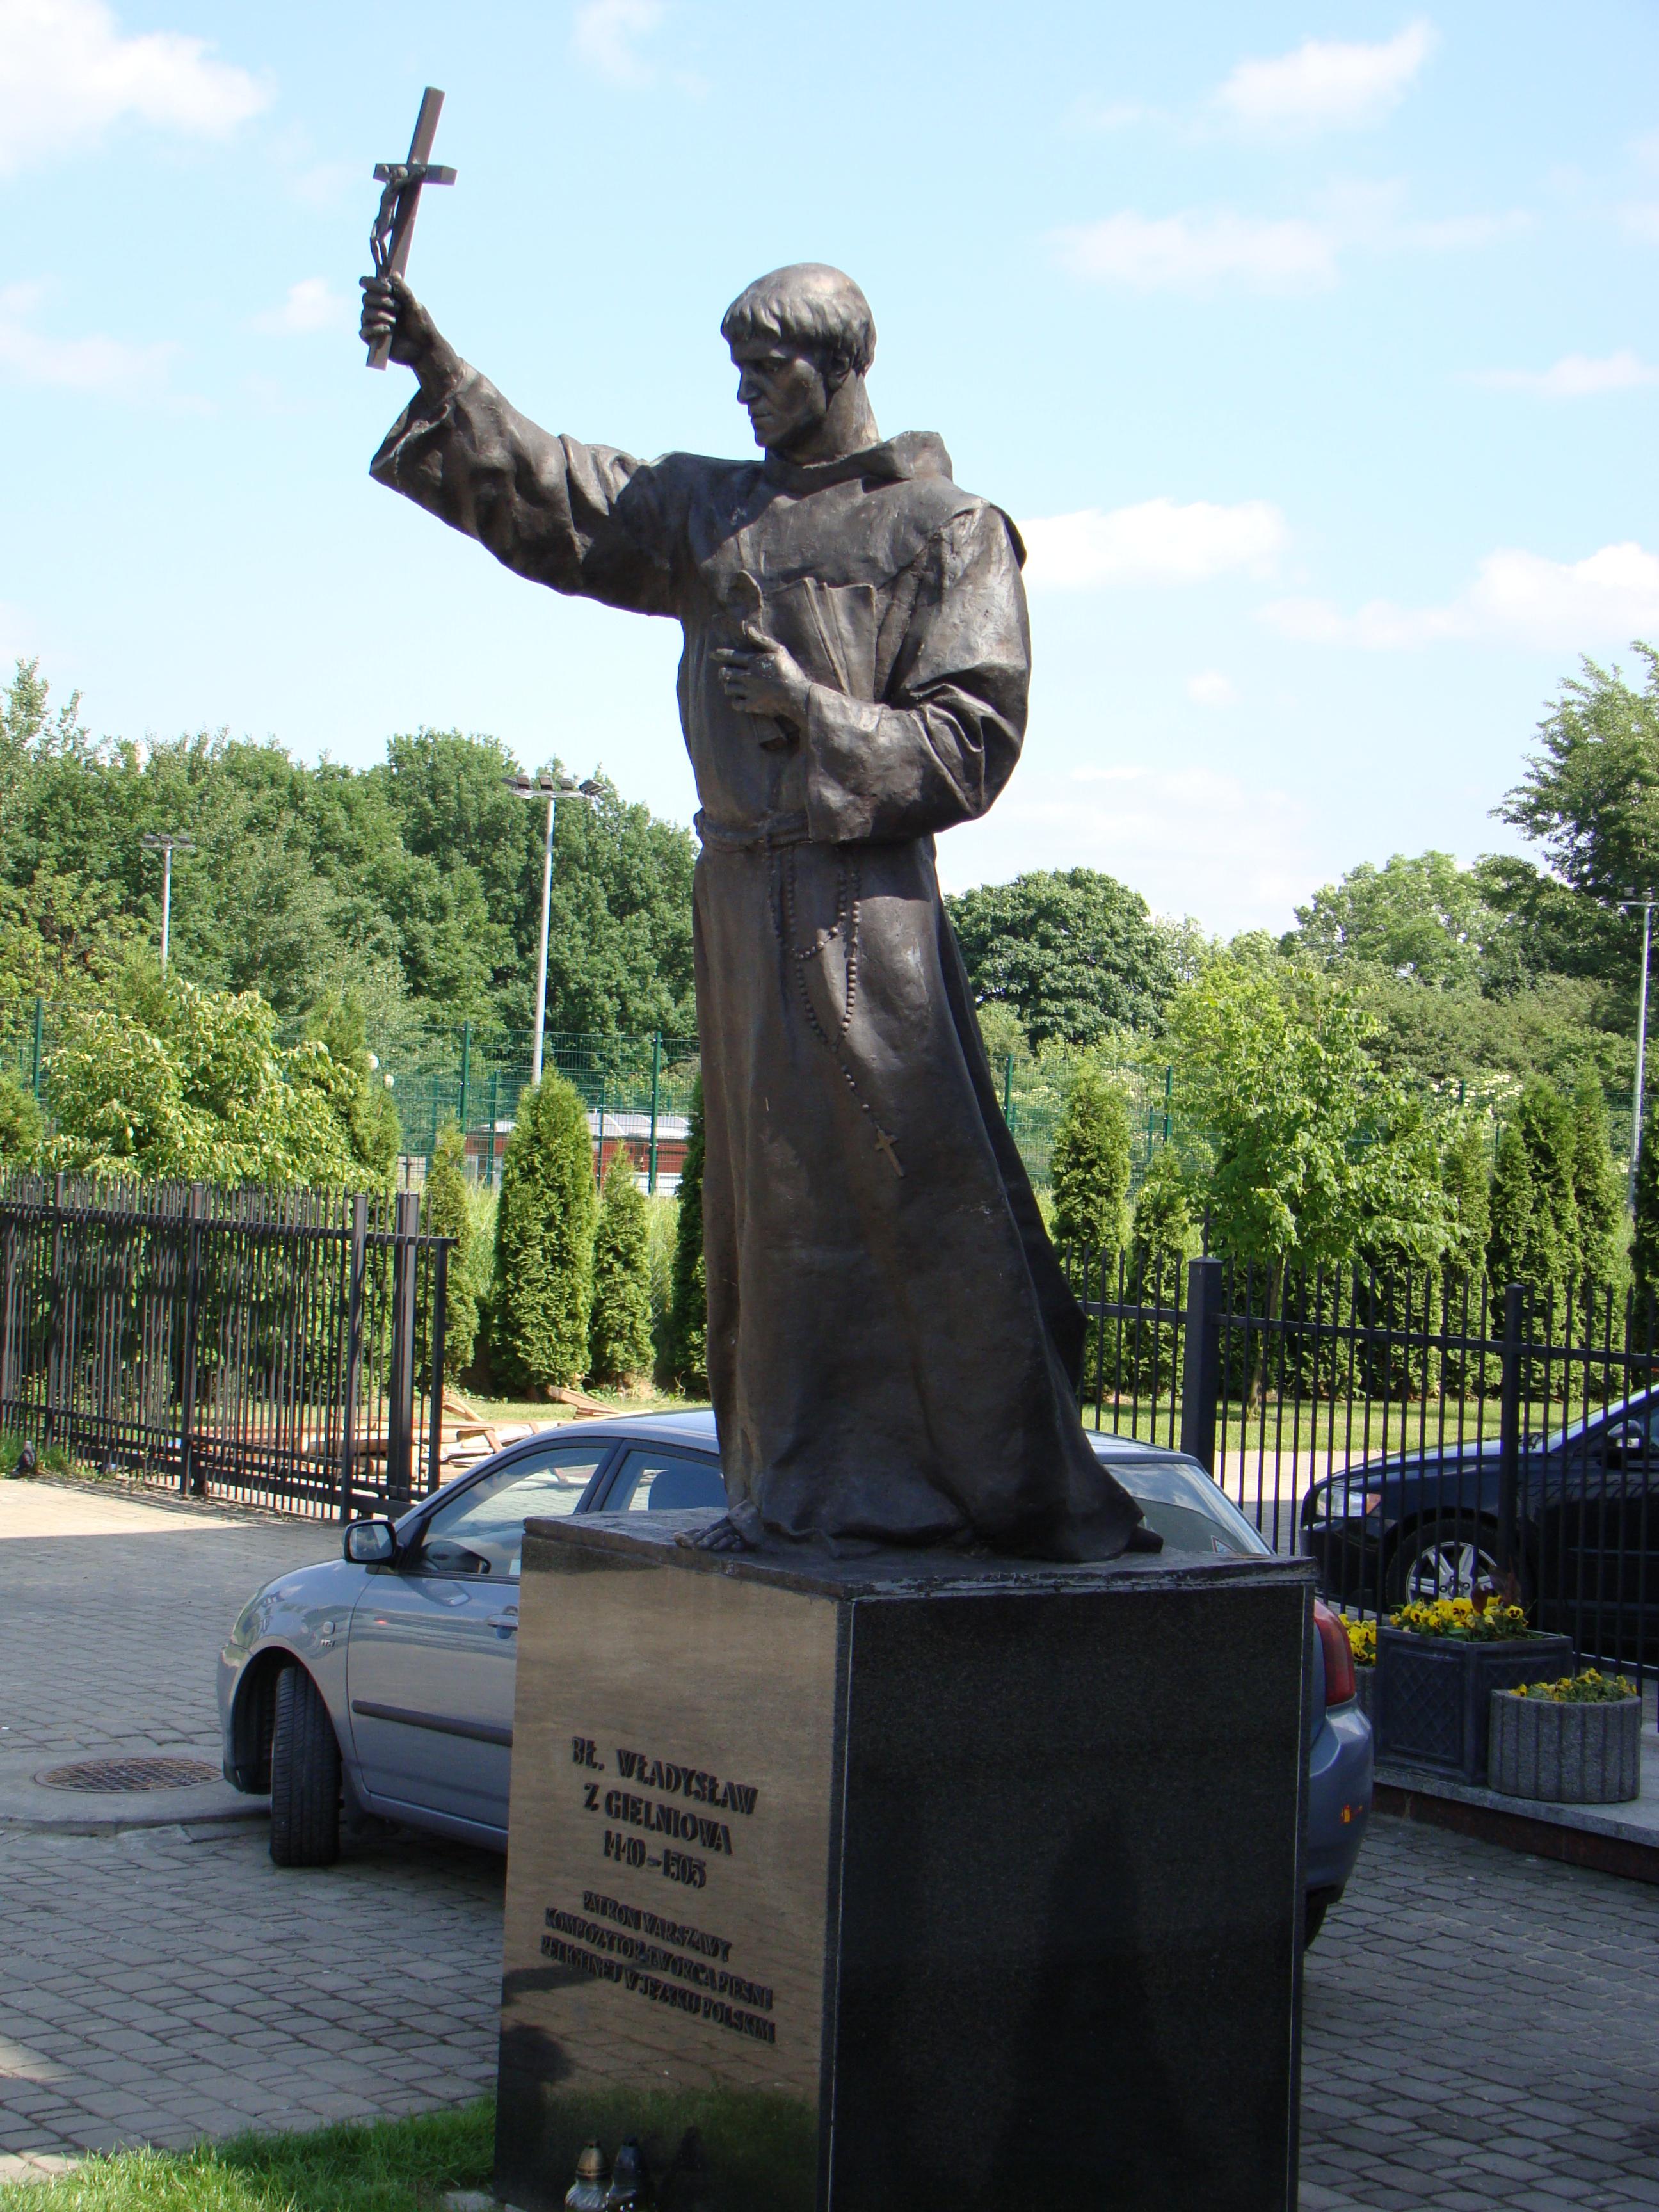 Pomnik bł. Władysława z Gielniowa